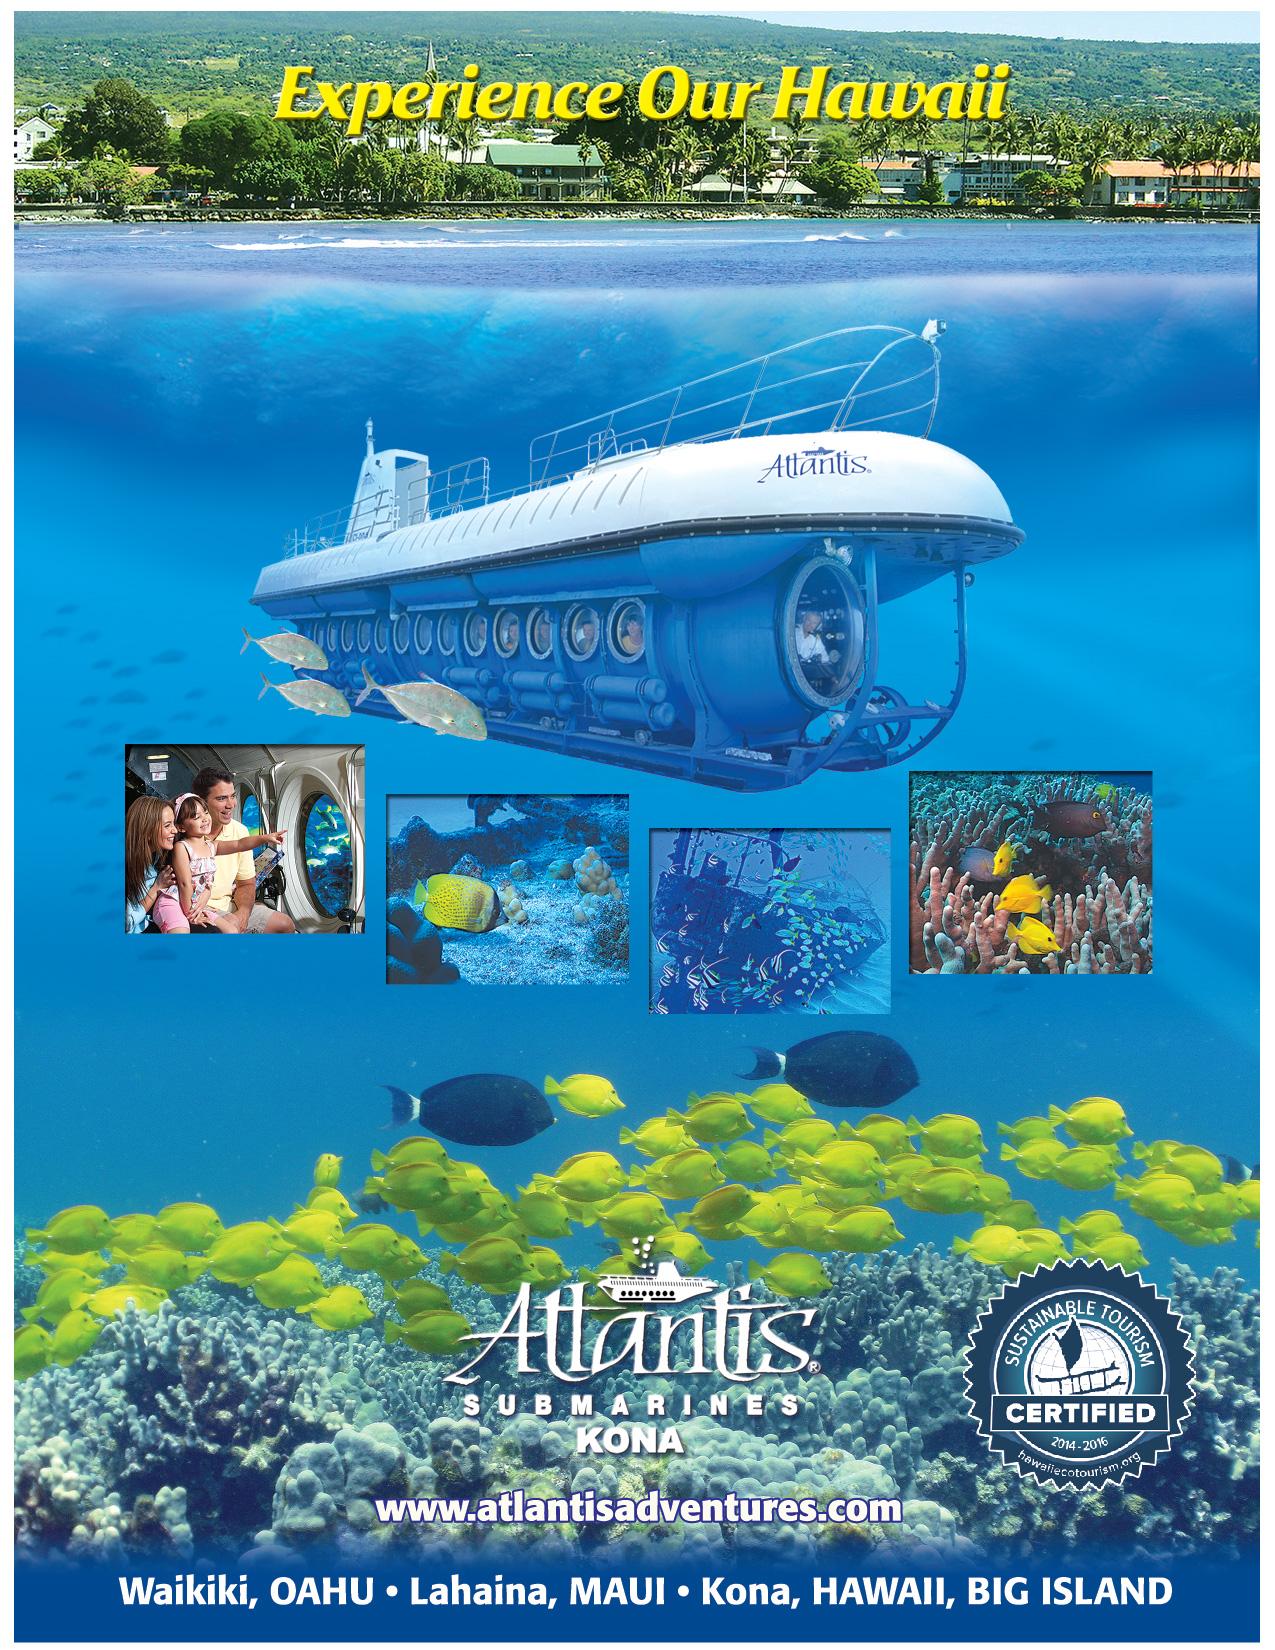 2014 Atlantis Kona Sub Flyer (1).jpg